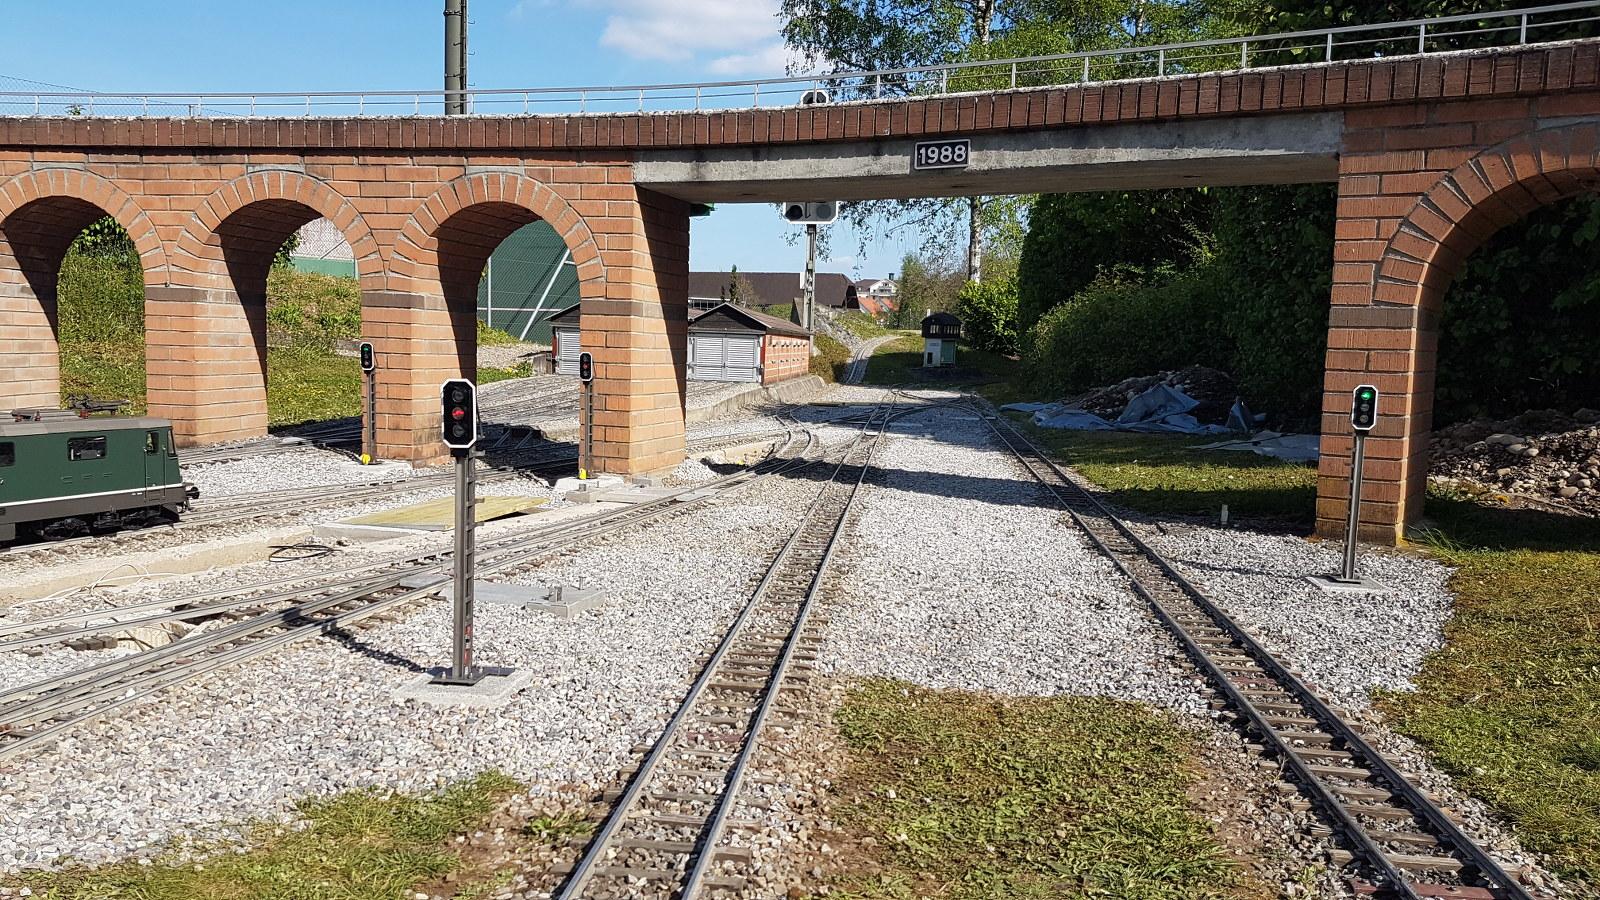 neue Signale nach Vorbild SBB in Bahnhof Grund